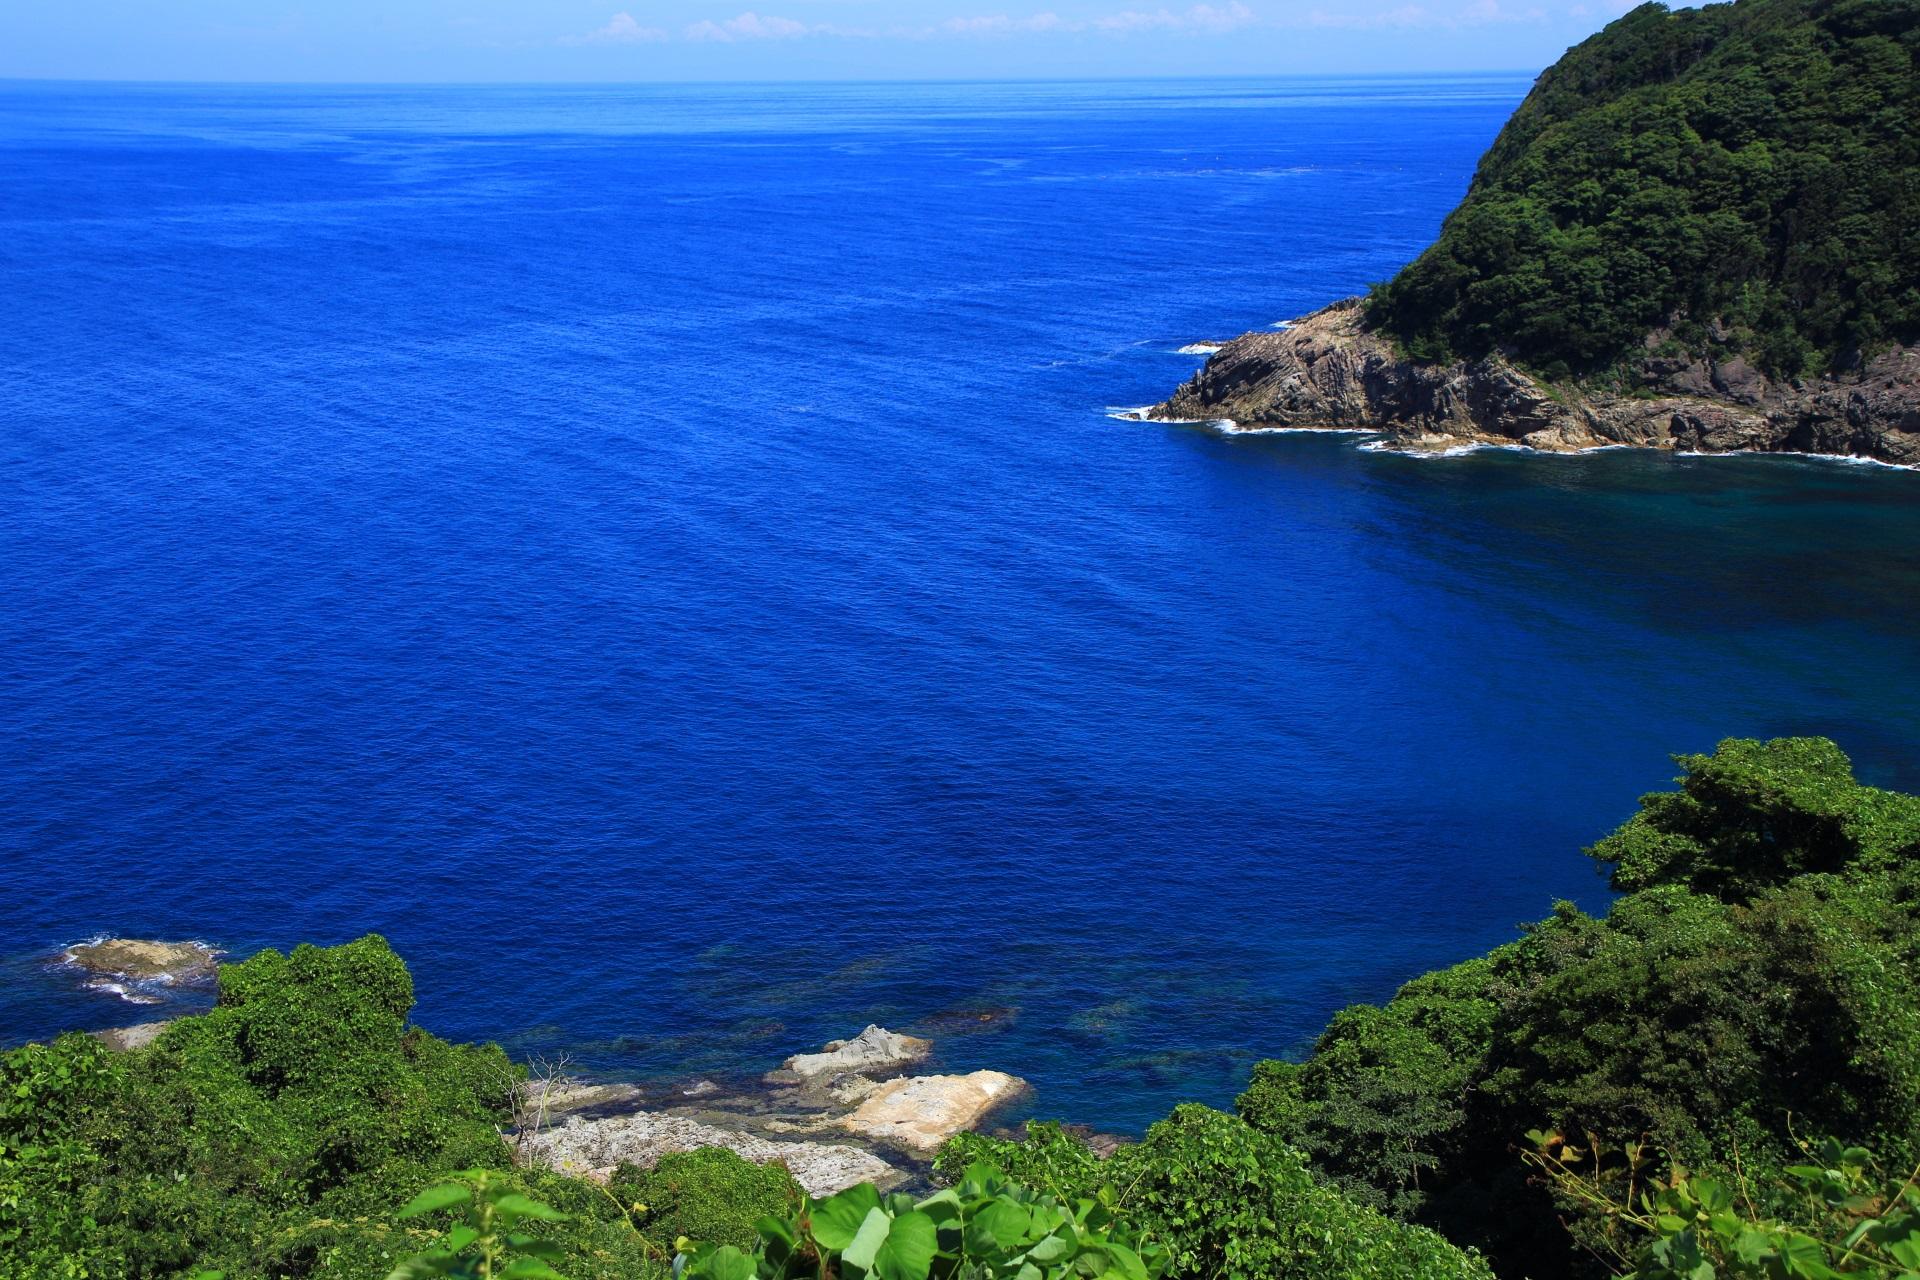 カマヤ海岸の見事なコバルトブルーの日本海